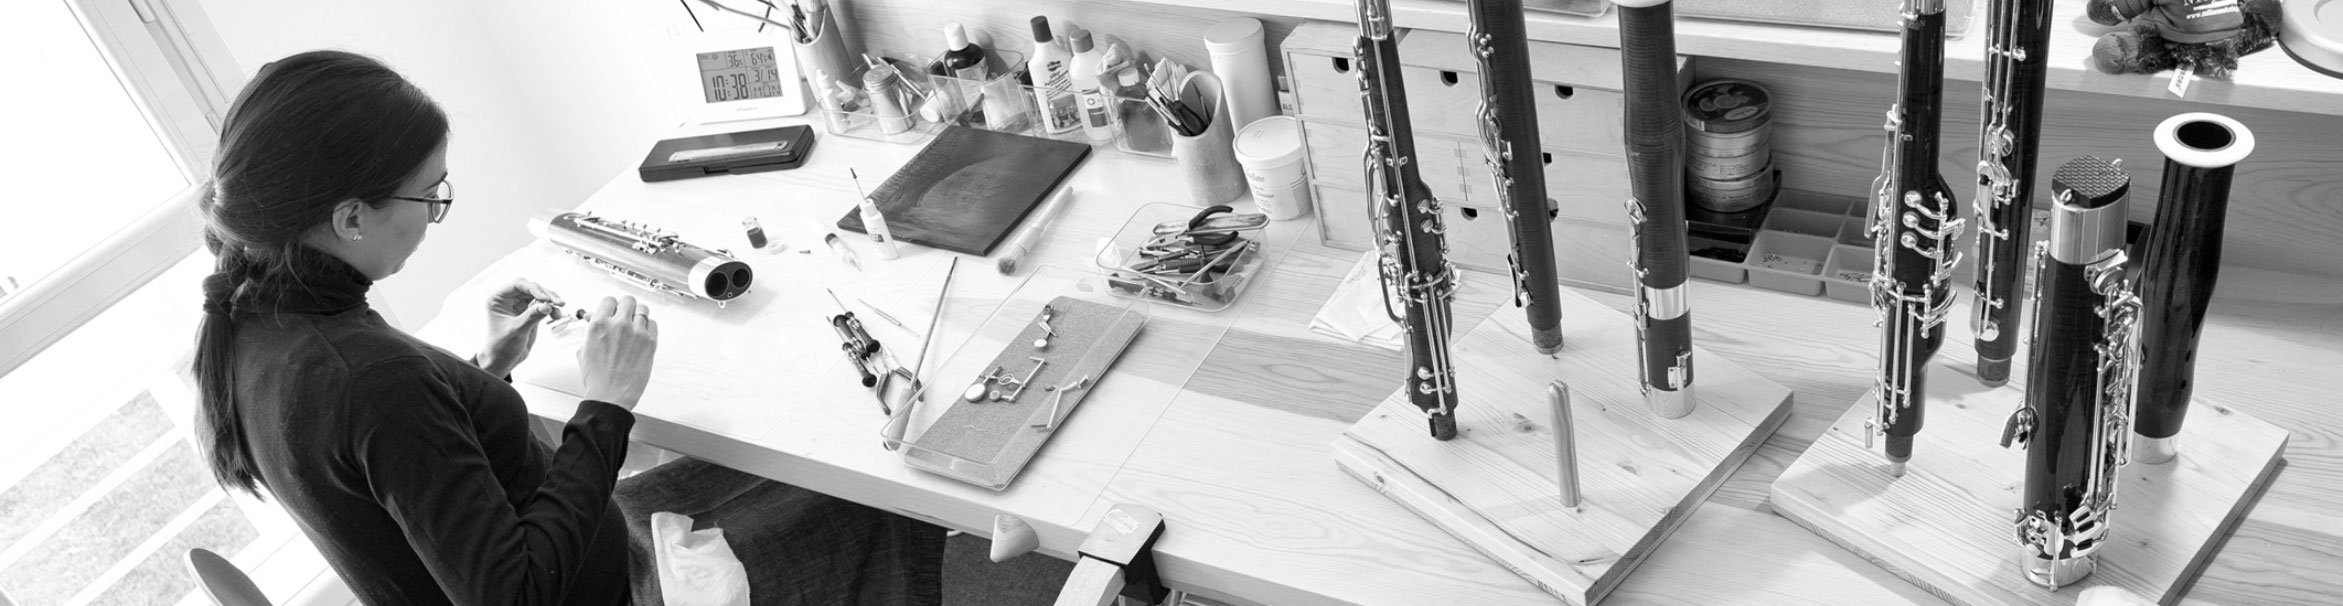 Irene Ortiz trabaja en su taller el fagot